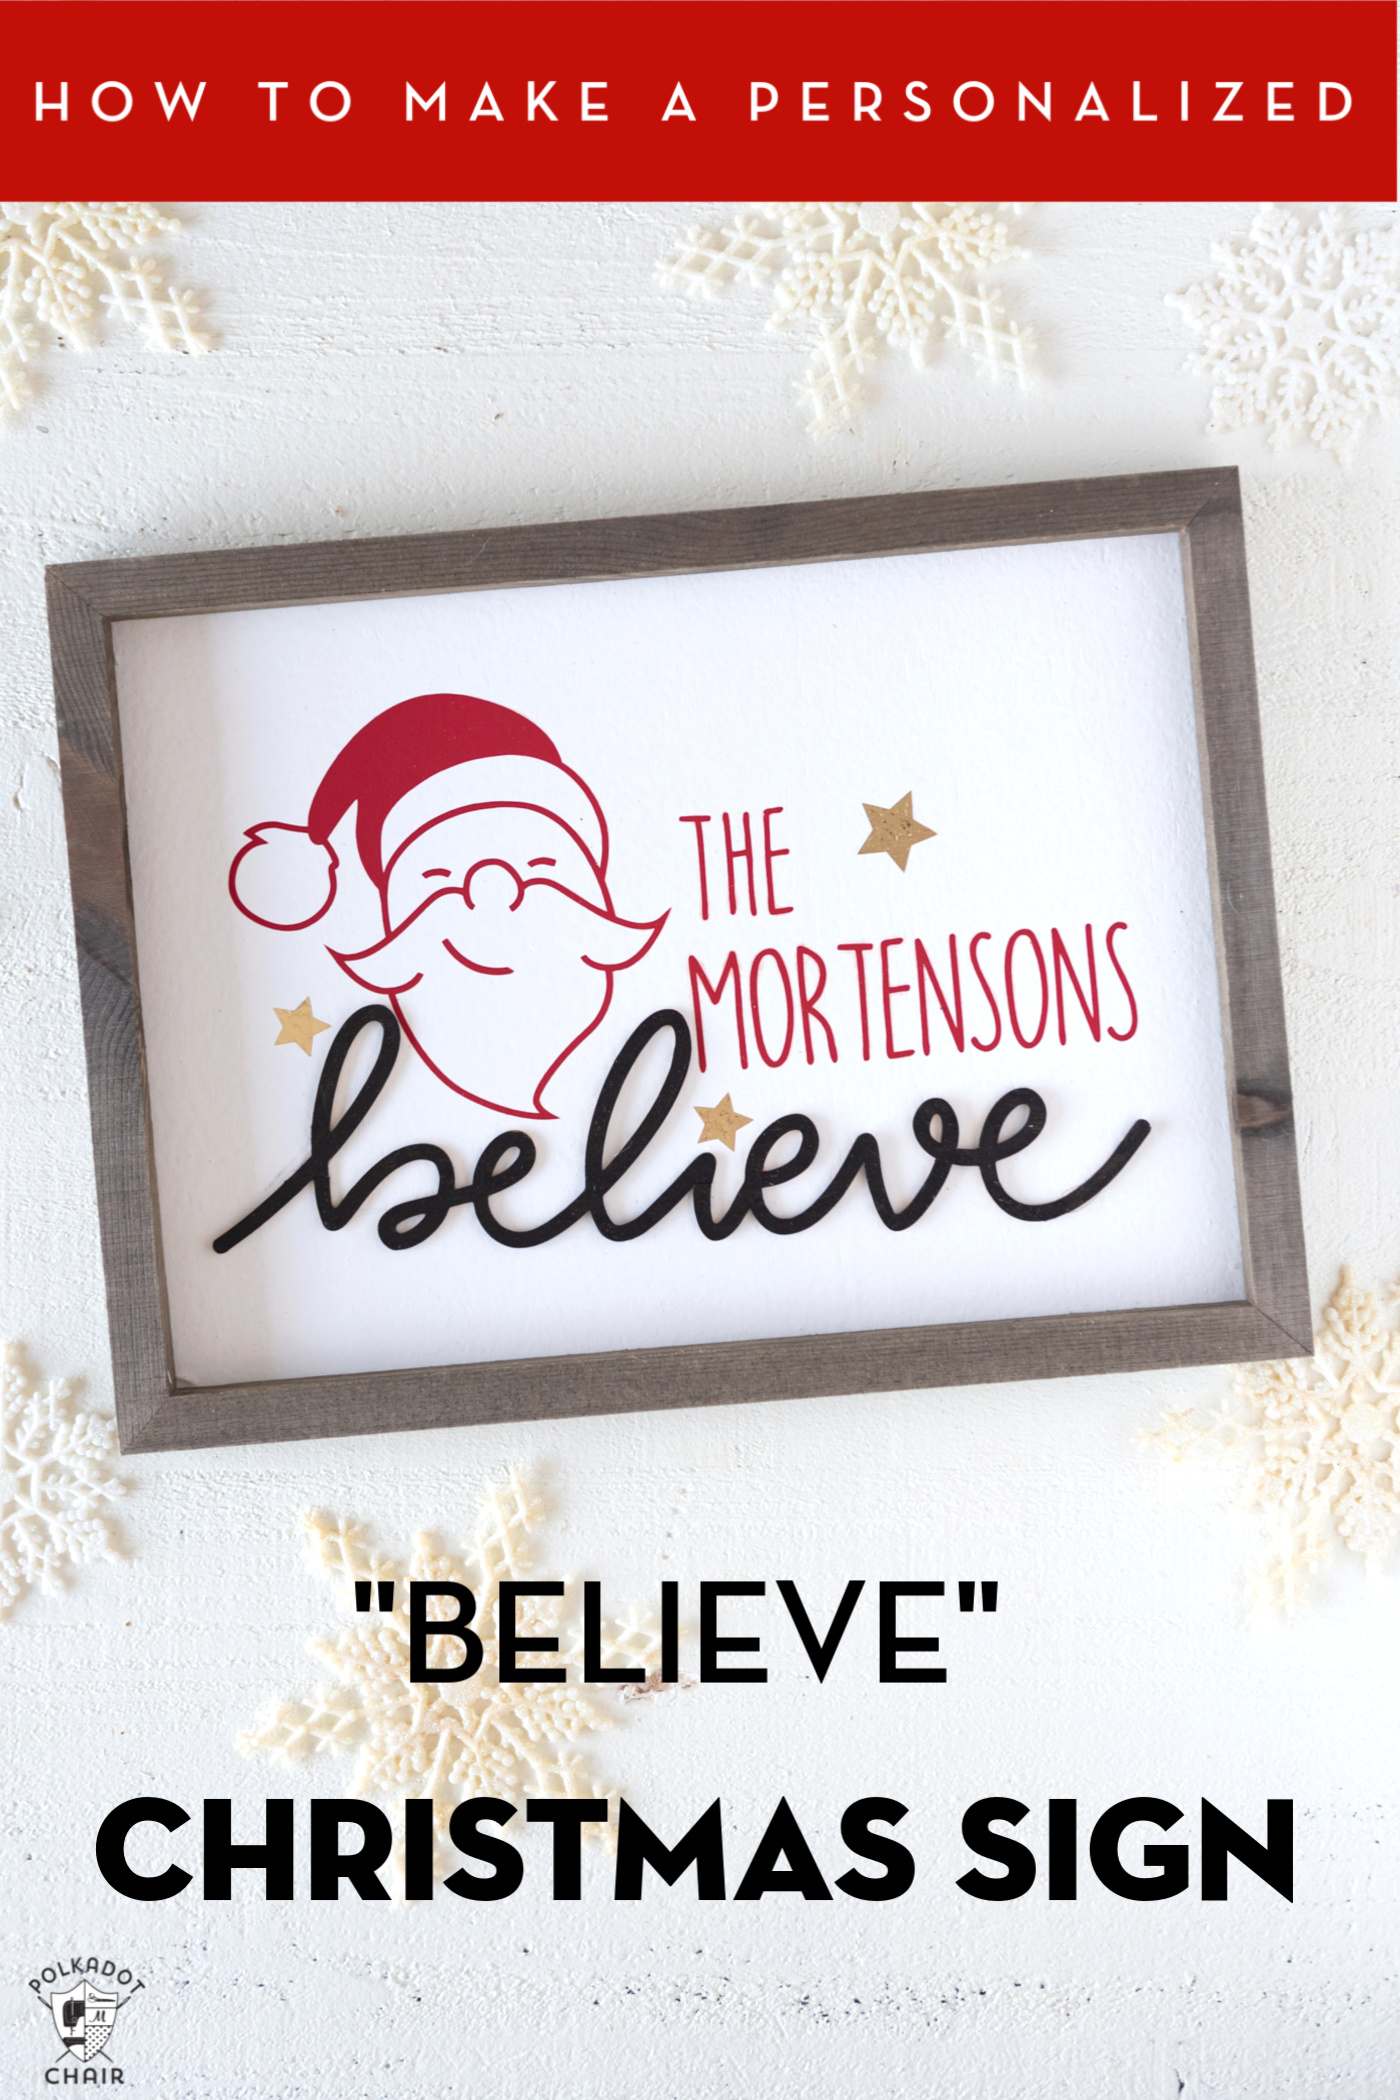 How To Make A Wood Christmas Sign With Cricut Polka Dot